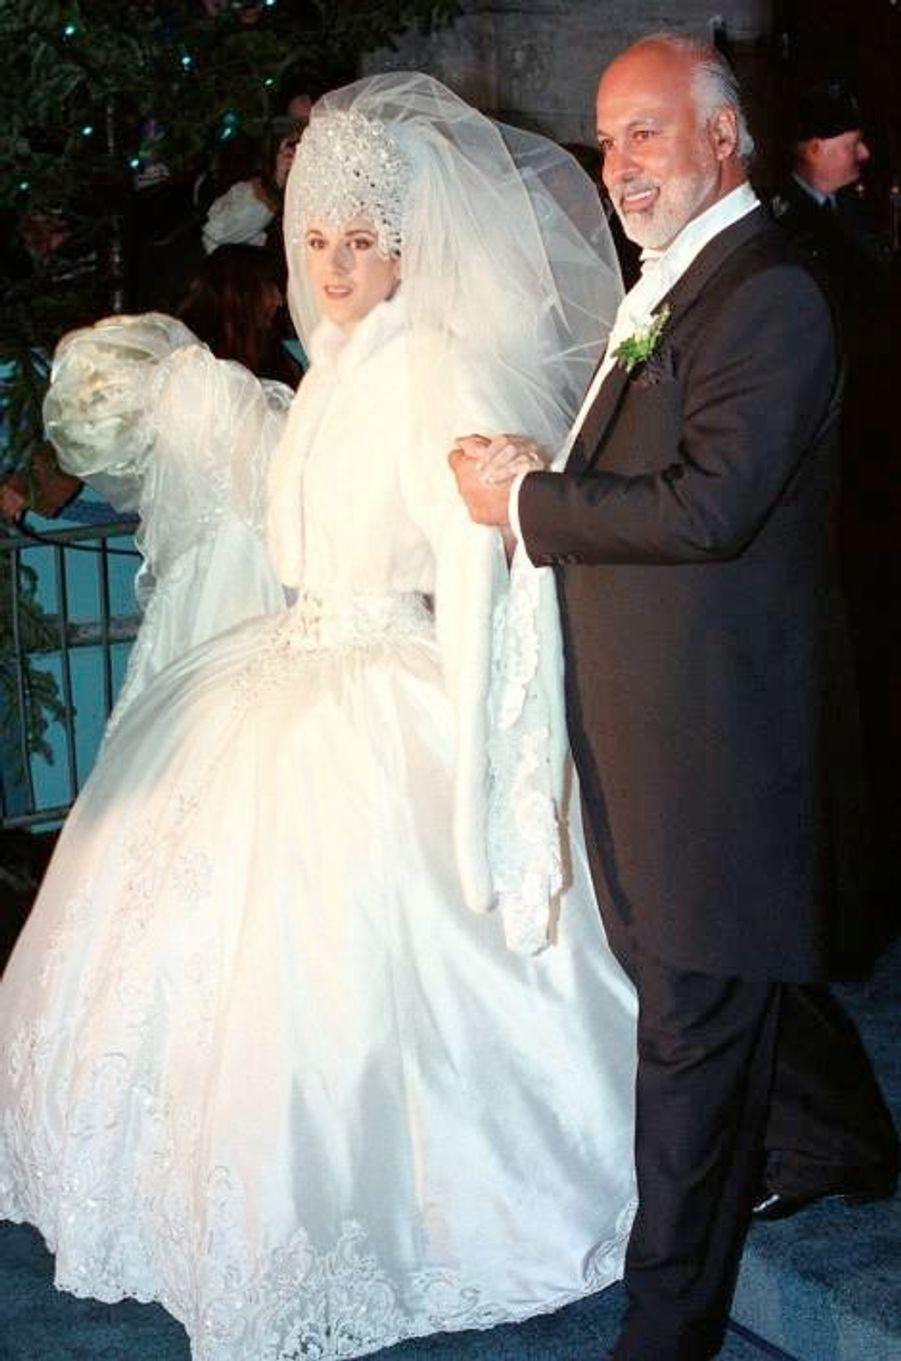 Le mariage de Céline Dion et René Angélil le 17 décembre 1994